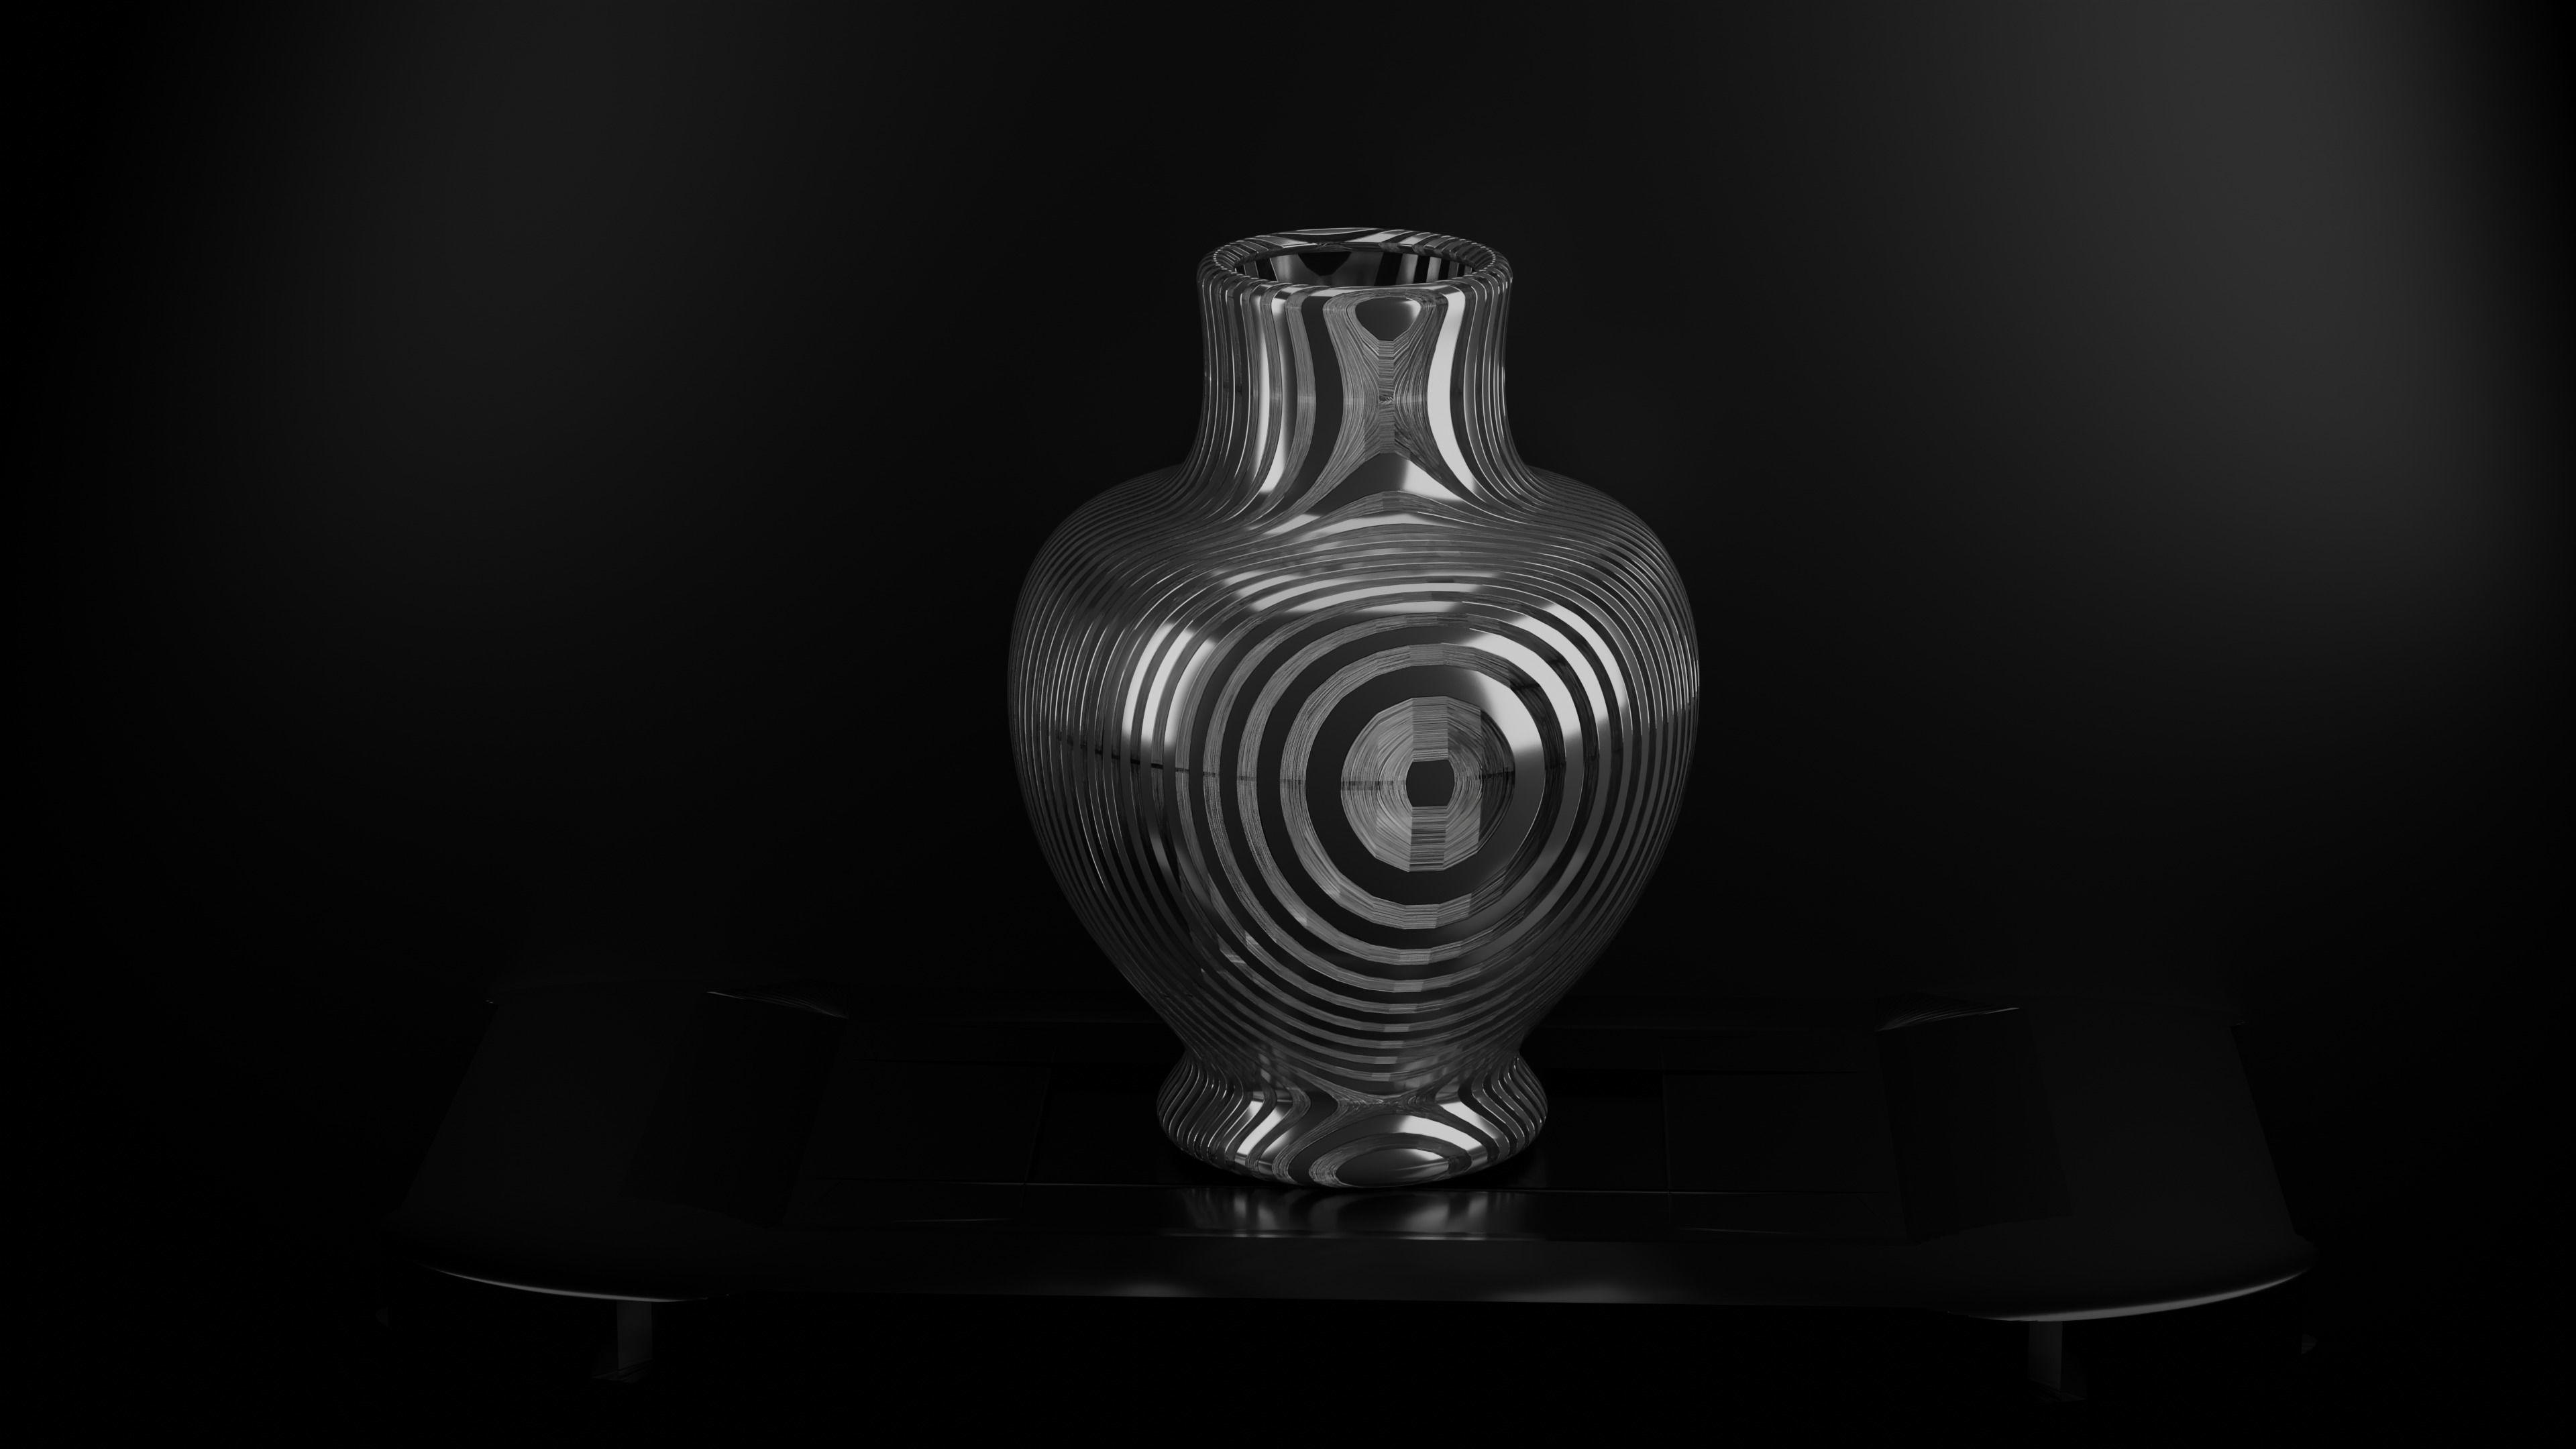 metalic vase